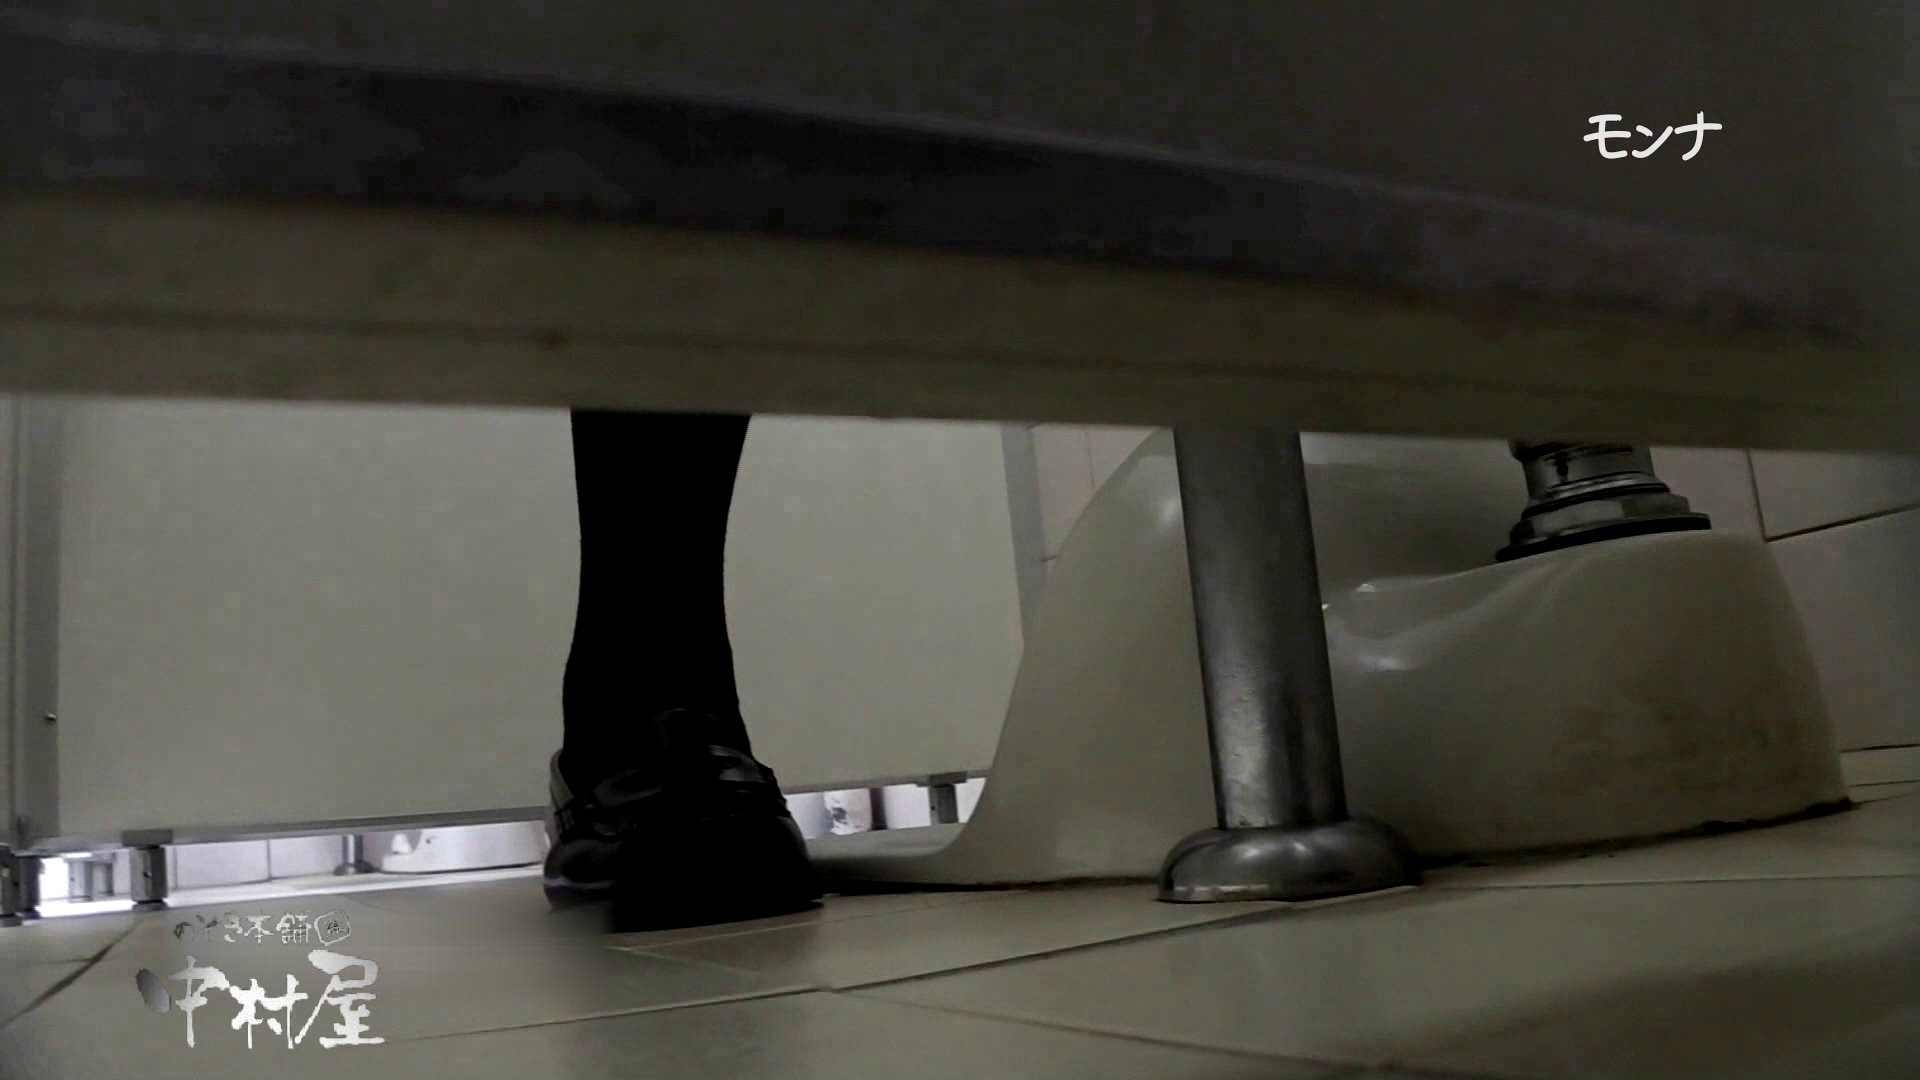 【美しい日本の未来】遂に!!戸田恵梨香似の予告モデル登場ダッシュで「大」前編 おまんこ見放題  75PIX 20